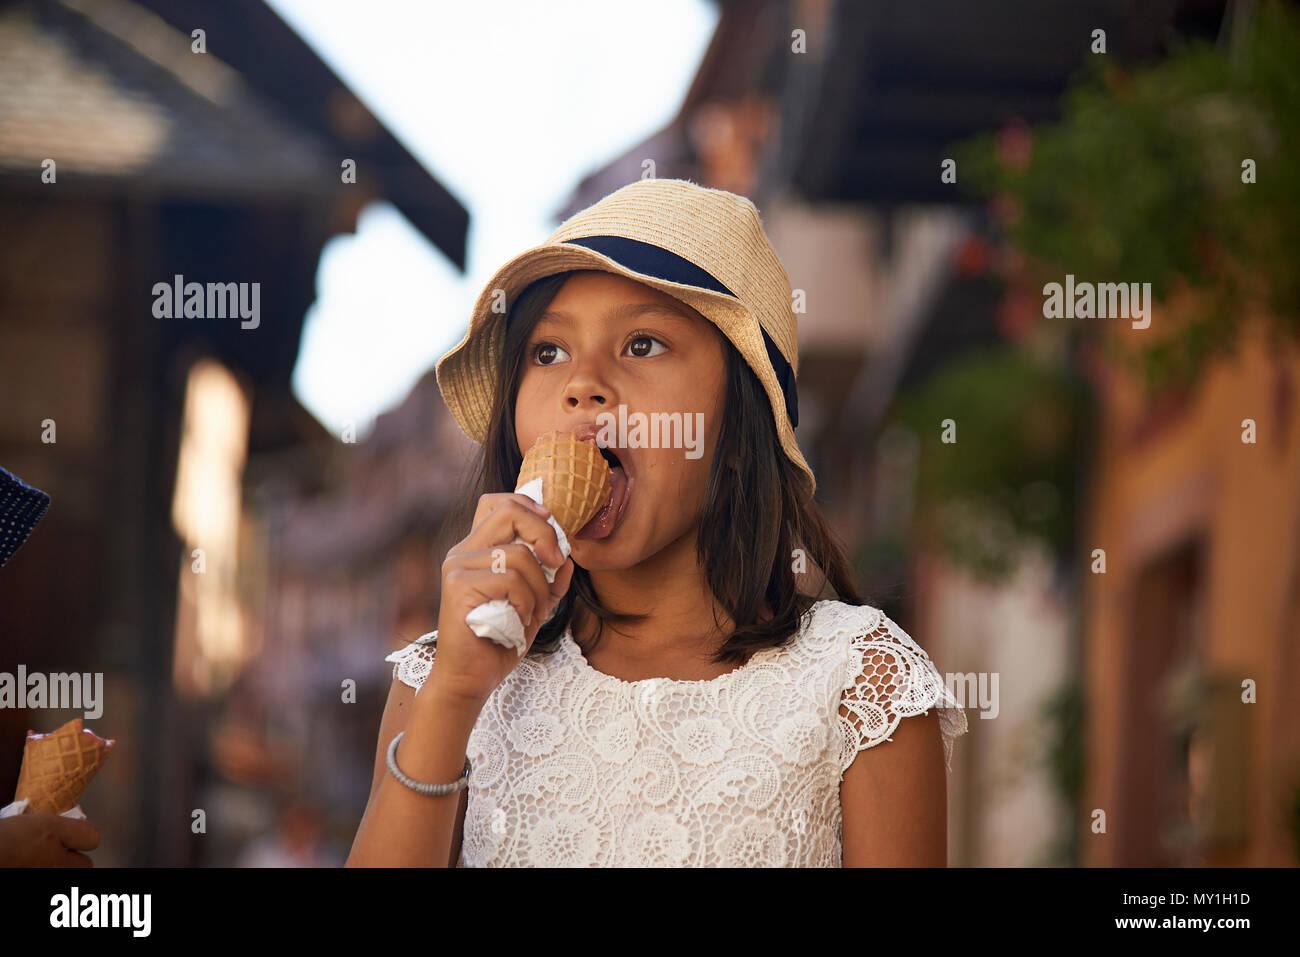 Cute Little Girl asiática vistiendo un sombrero de paja comer helado mientras estaba de vacaciones en la región de Alsacia (Francia) En verano el sol en un día caluroso Imagen De Stock